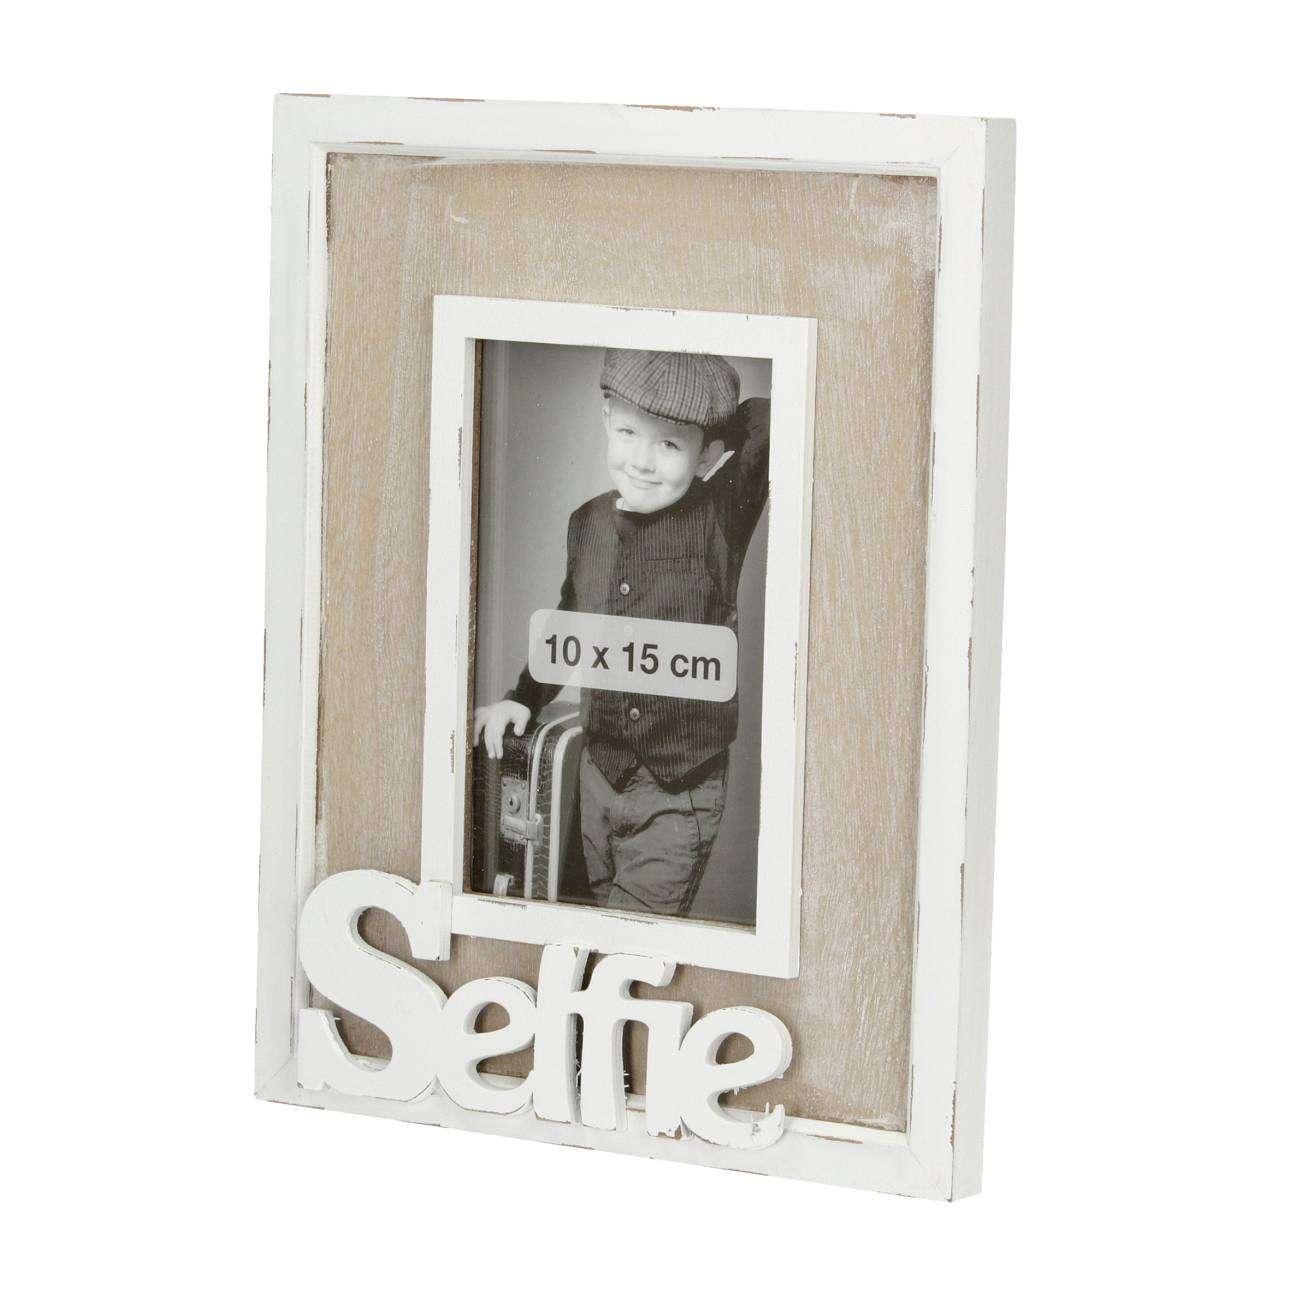 Ramka na zdjęcie Selfie pionowa 10x15cm